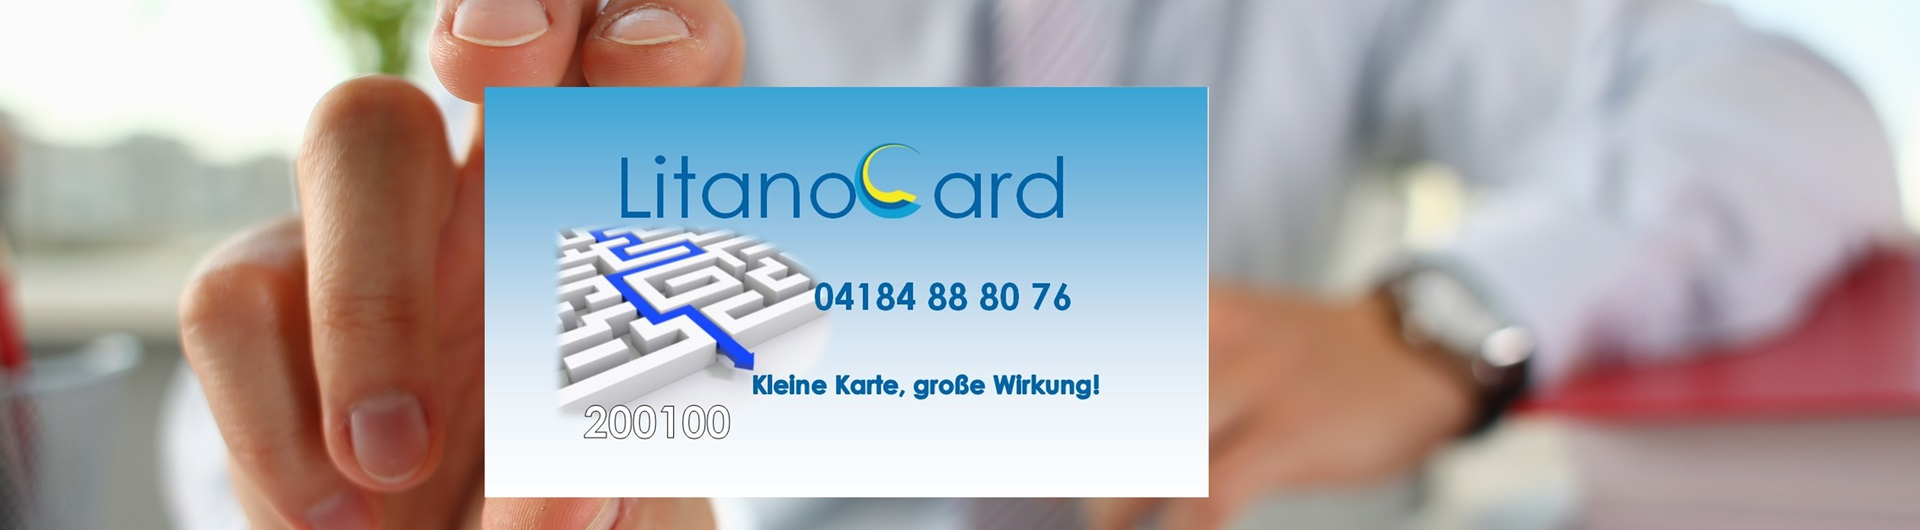 LitanoCard_kleine_Karte_mit_großer_Wirkung_Investieren_Sie_in_die_Gesundheit_und_Zufriedenheit_Ihrer_Mitarbeiter_Rufen_Sie_an_Litano_Coaching